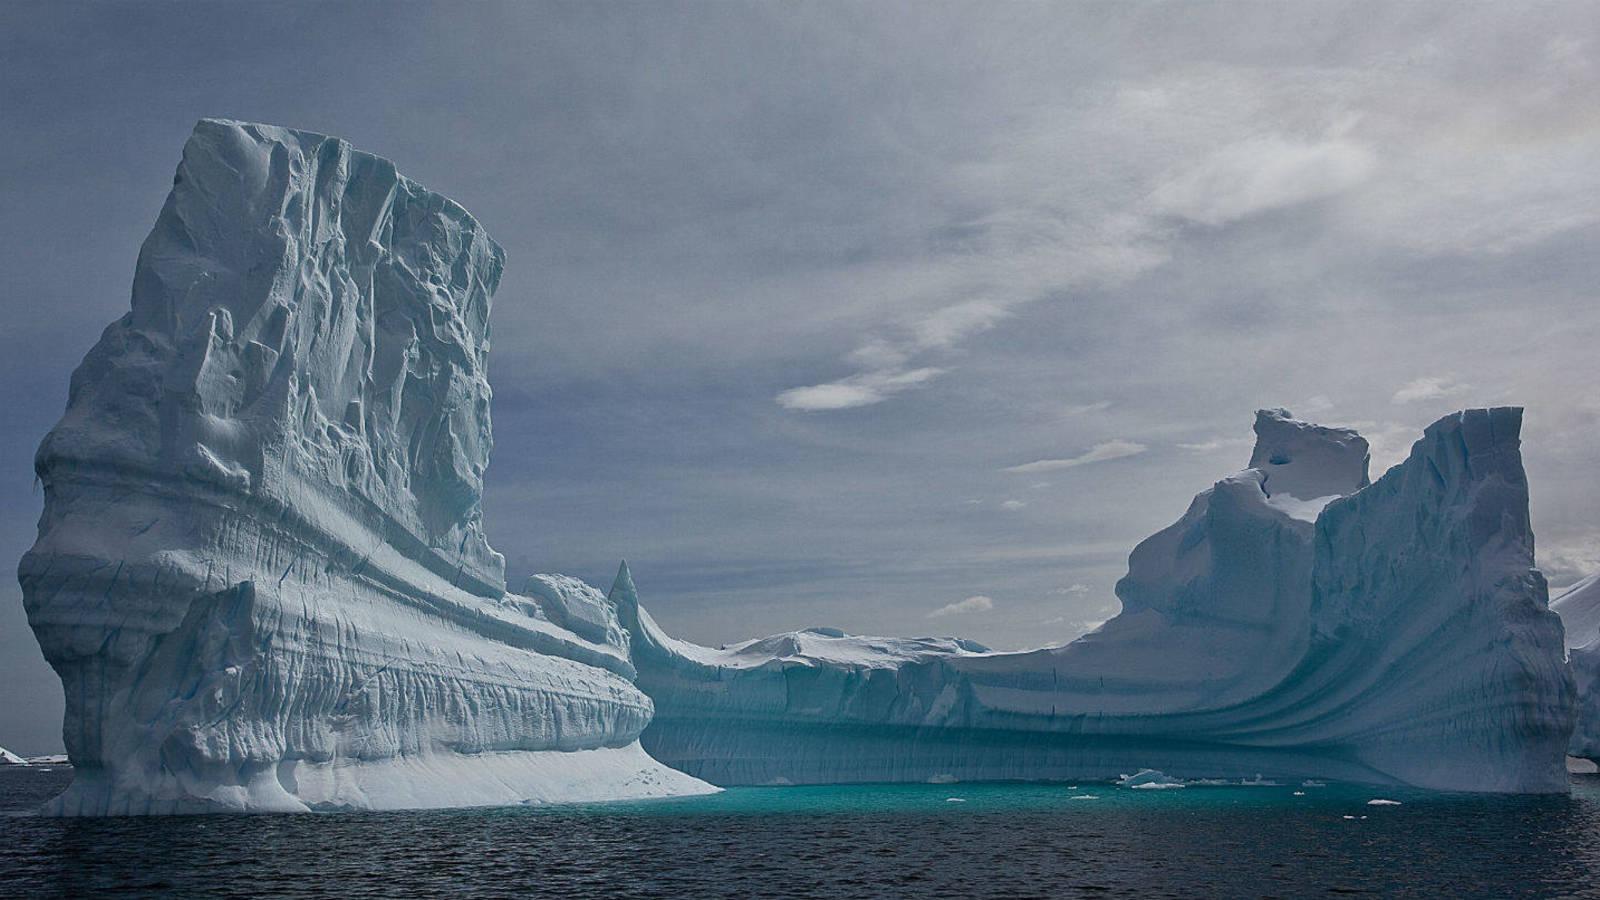 Roald Amundsen llegó al Polo Sur el 14 de diciembre de 1911